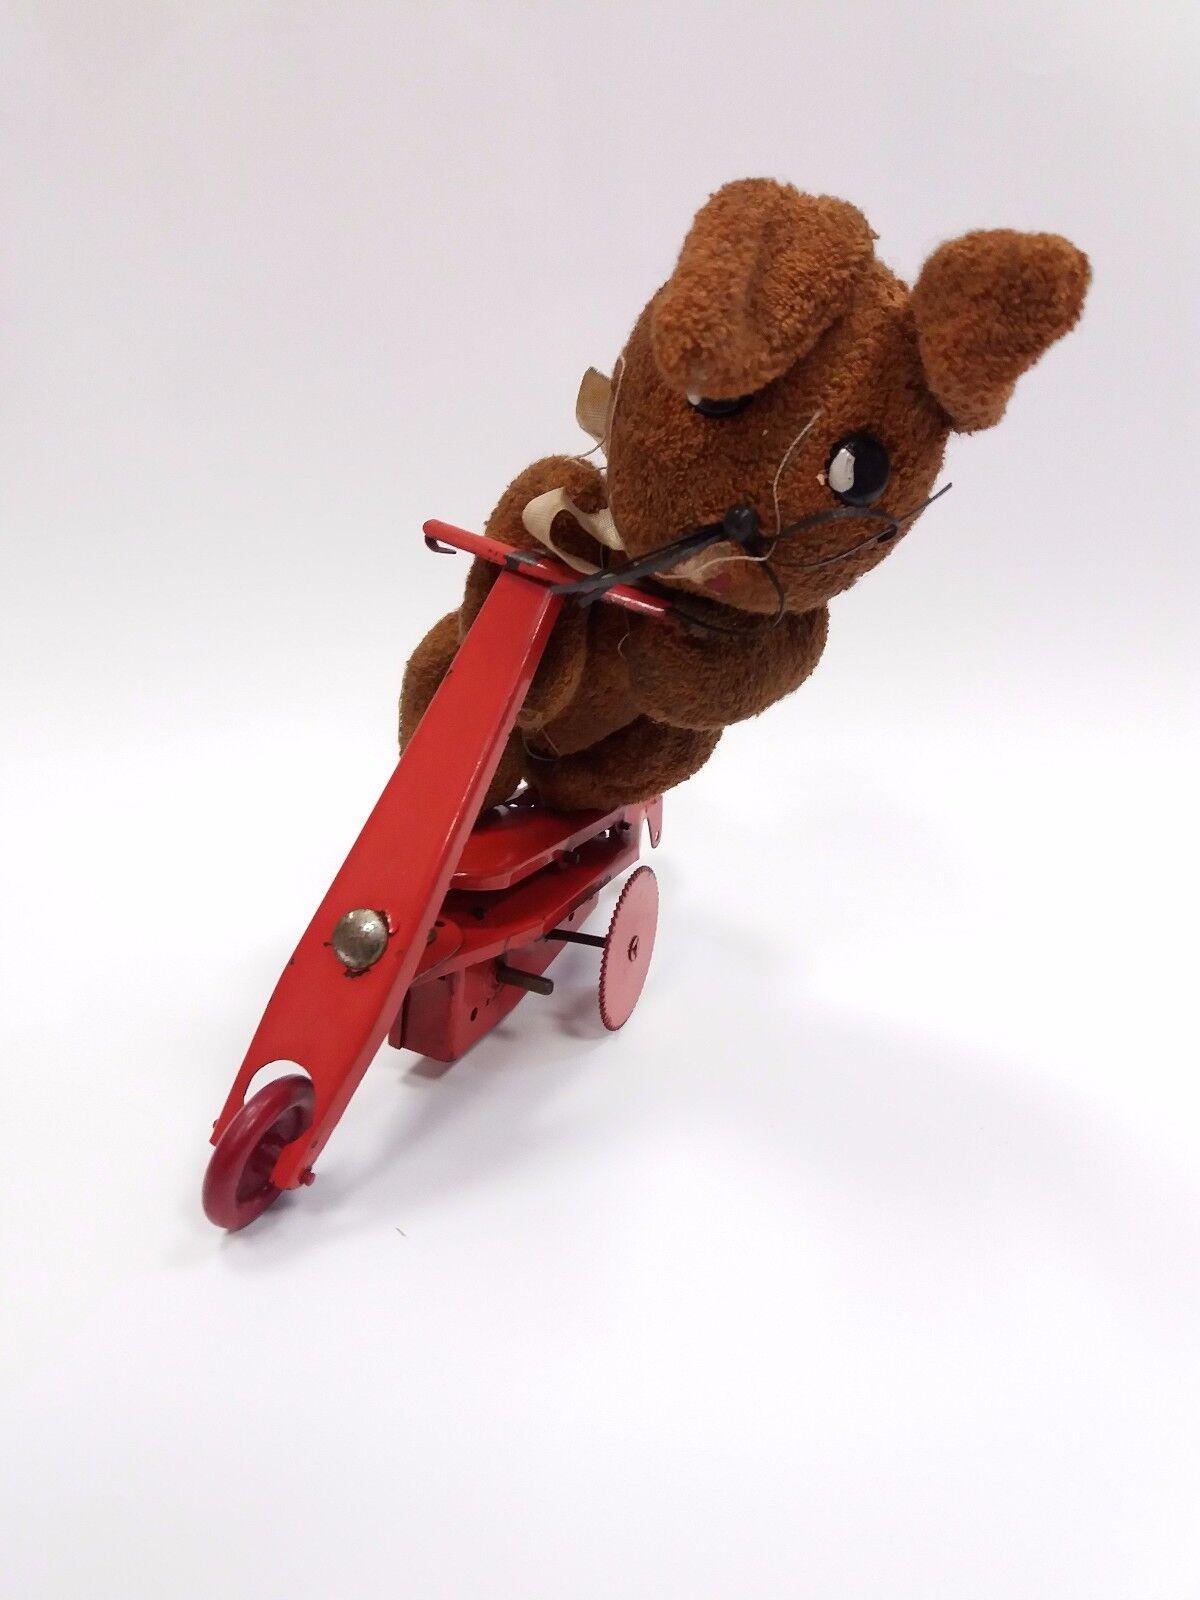 Antiguo Cuerda Mecanismo De Estaño Juguete Triciclo Scouter Conejo De Peluche